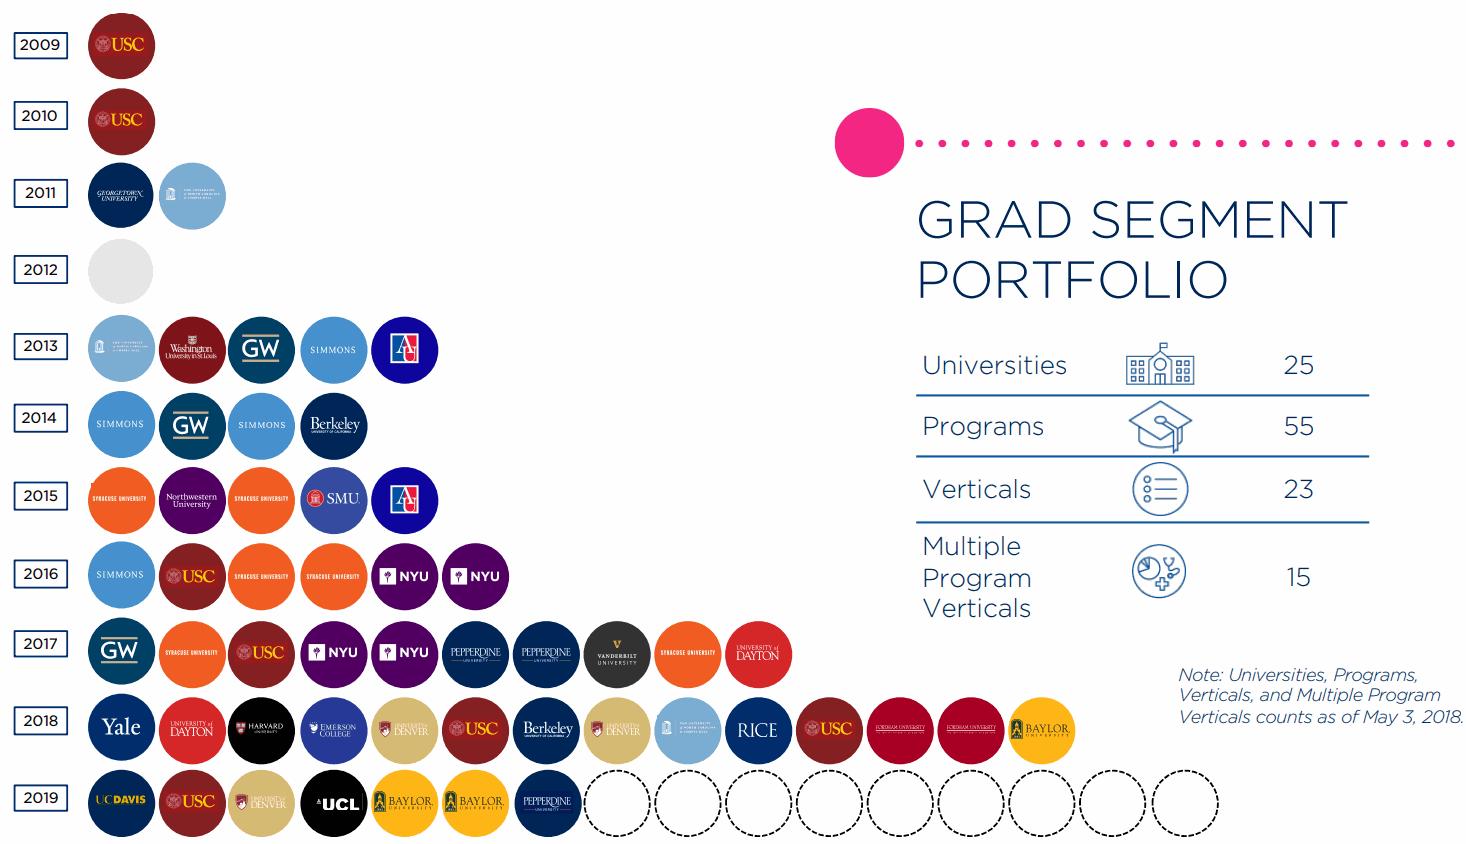 2U-GRAD-SEGMENT-PORTFOLIO